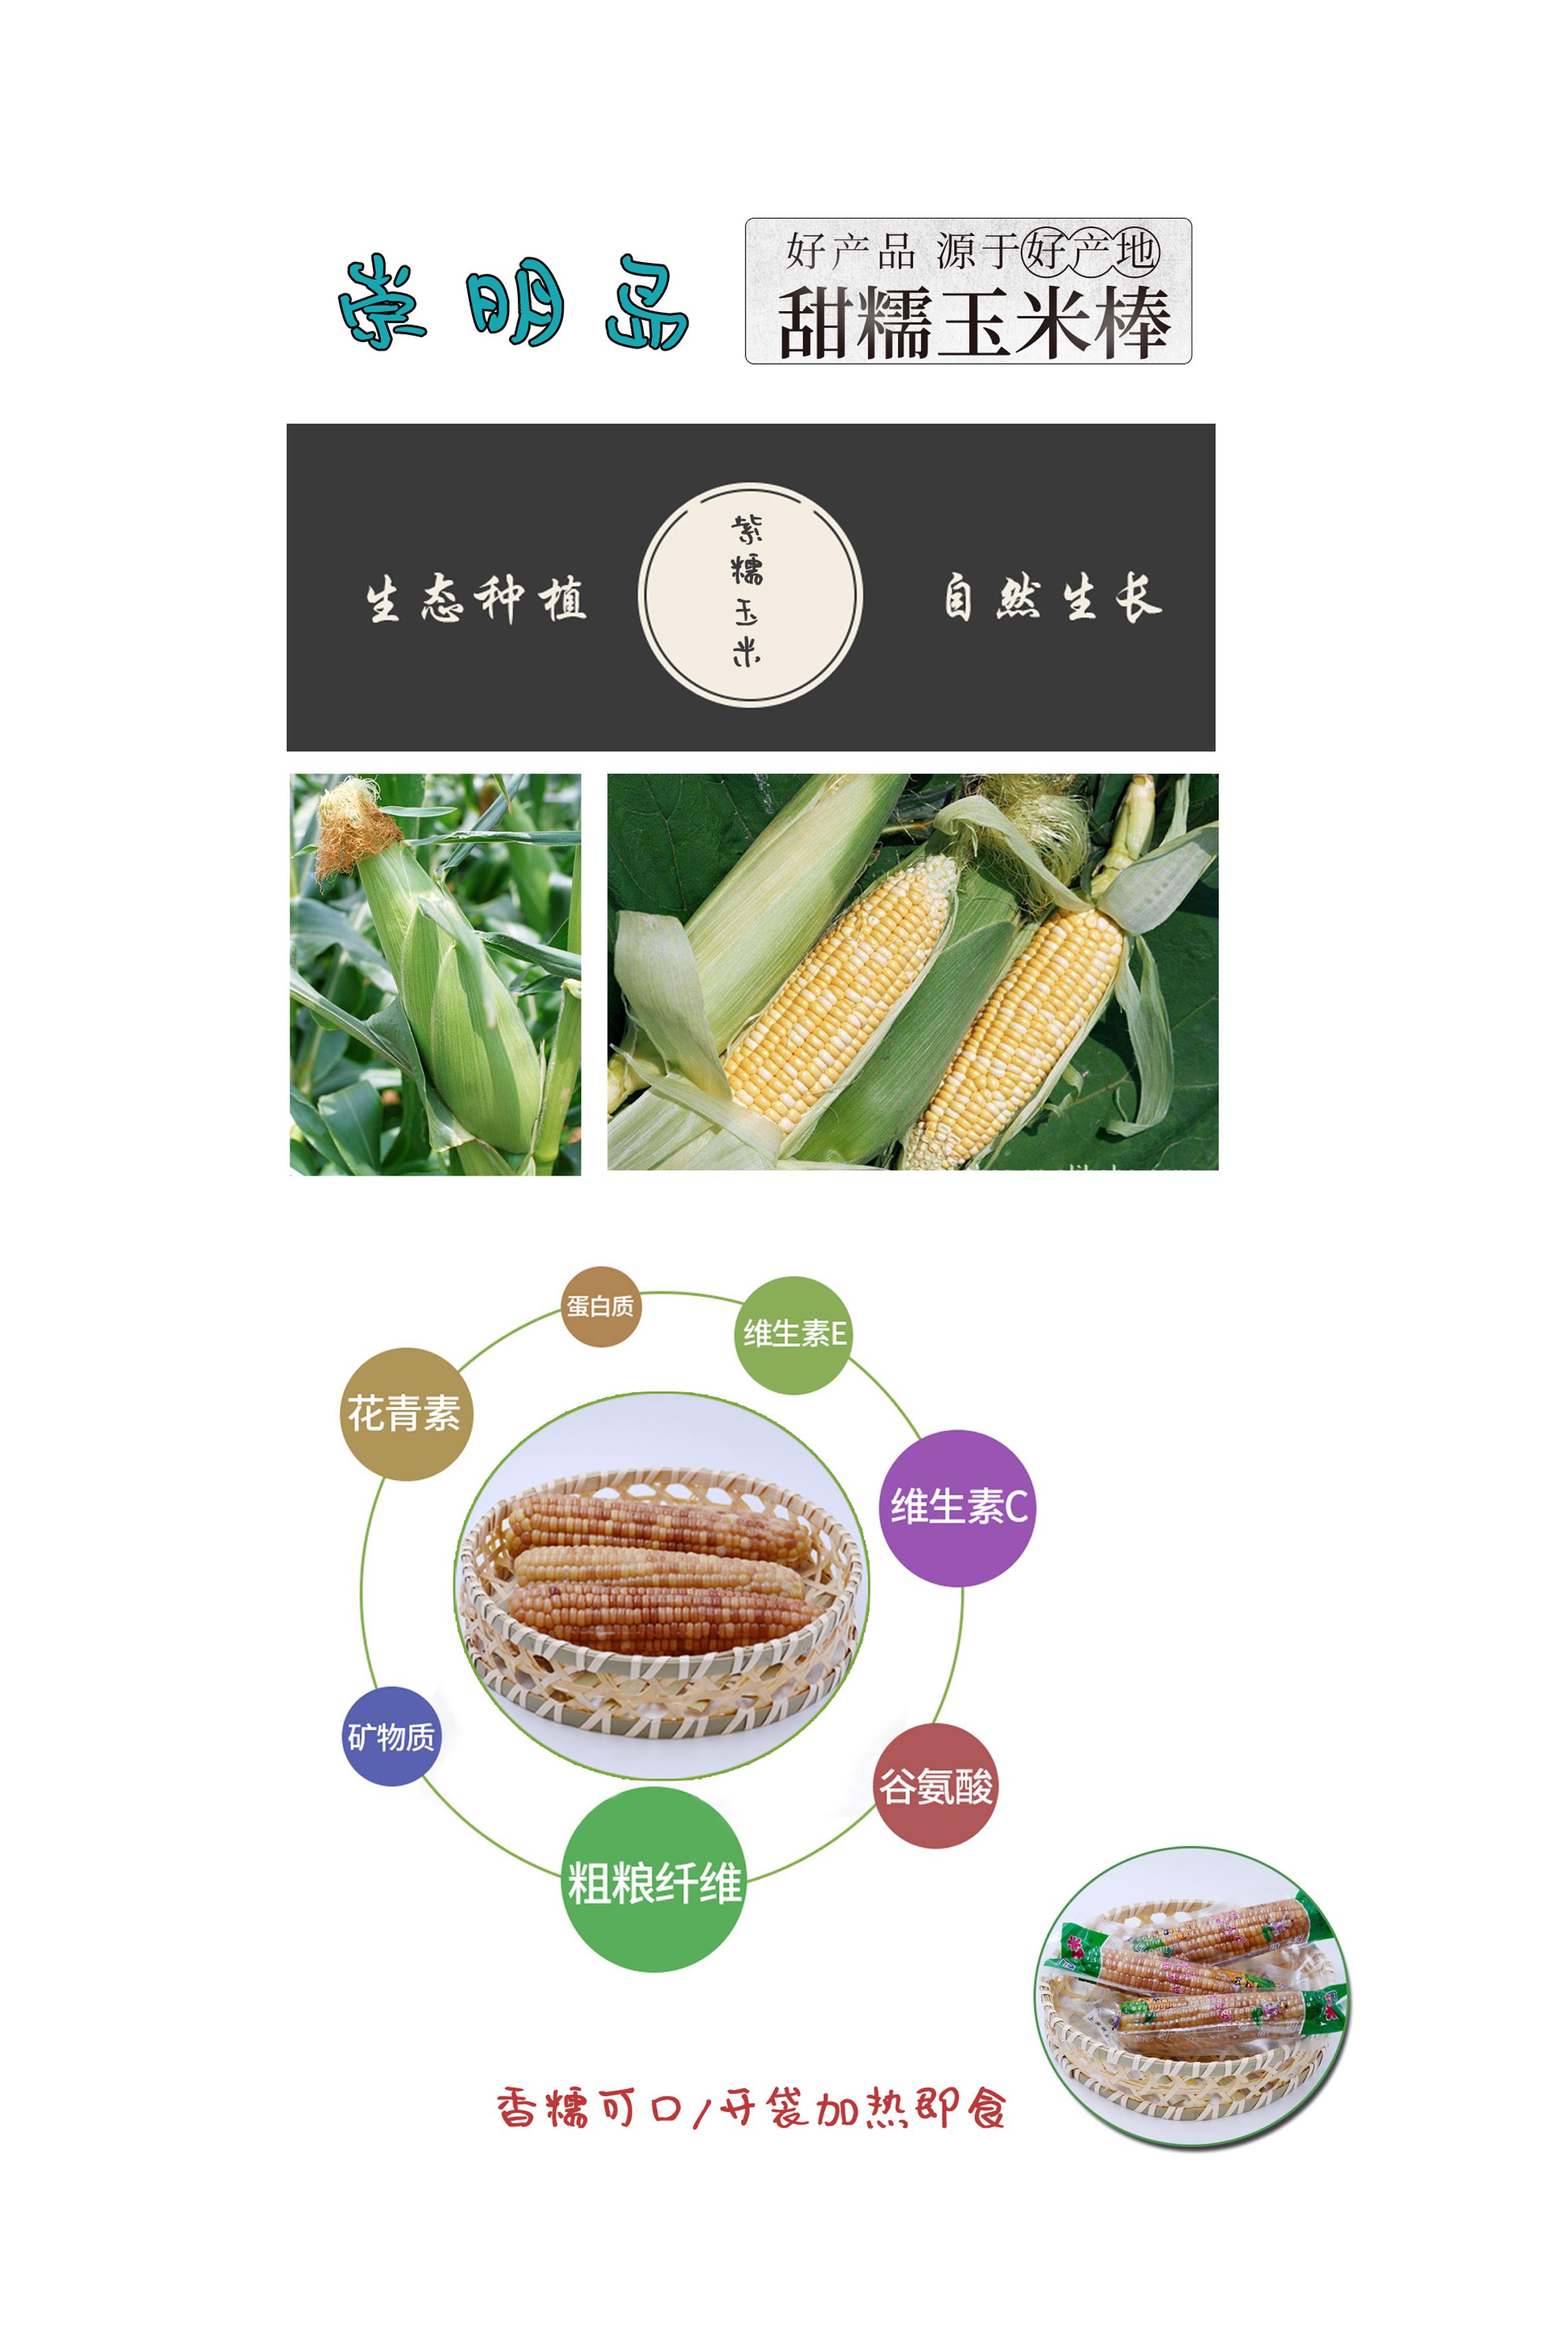 2KG紫万博体育官网登录网页版苹果